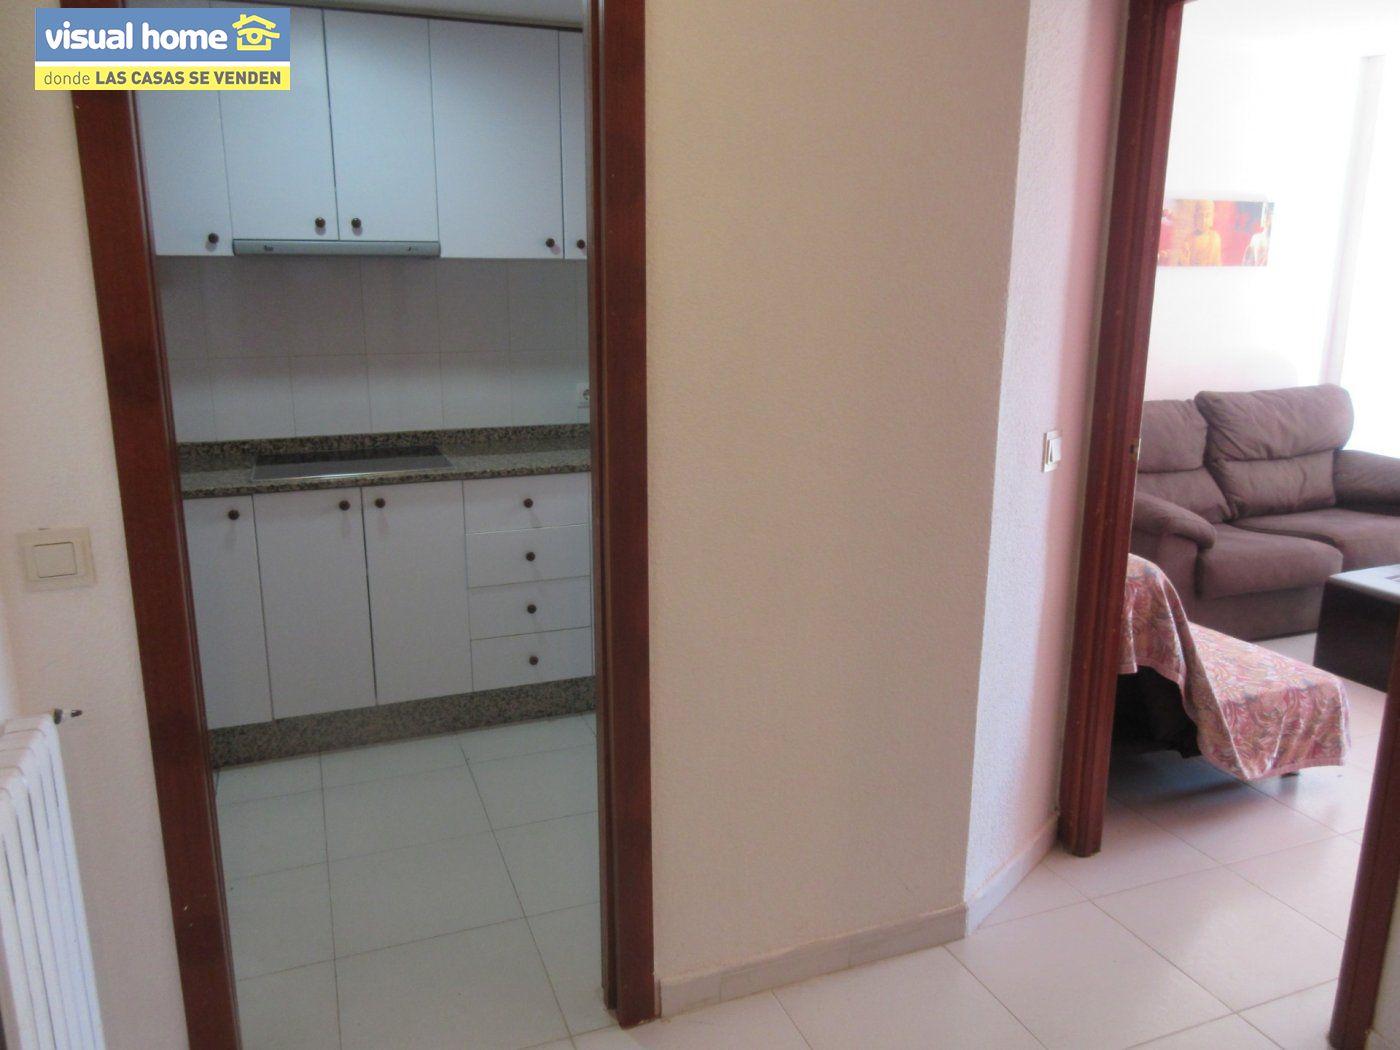 Apartamento de un dormitorio con parking y piscina en Rincón de Loix llano 14